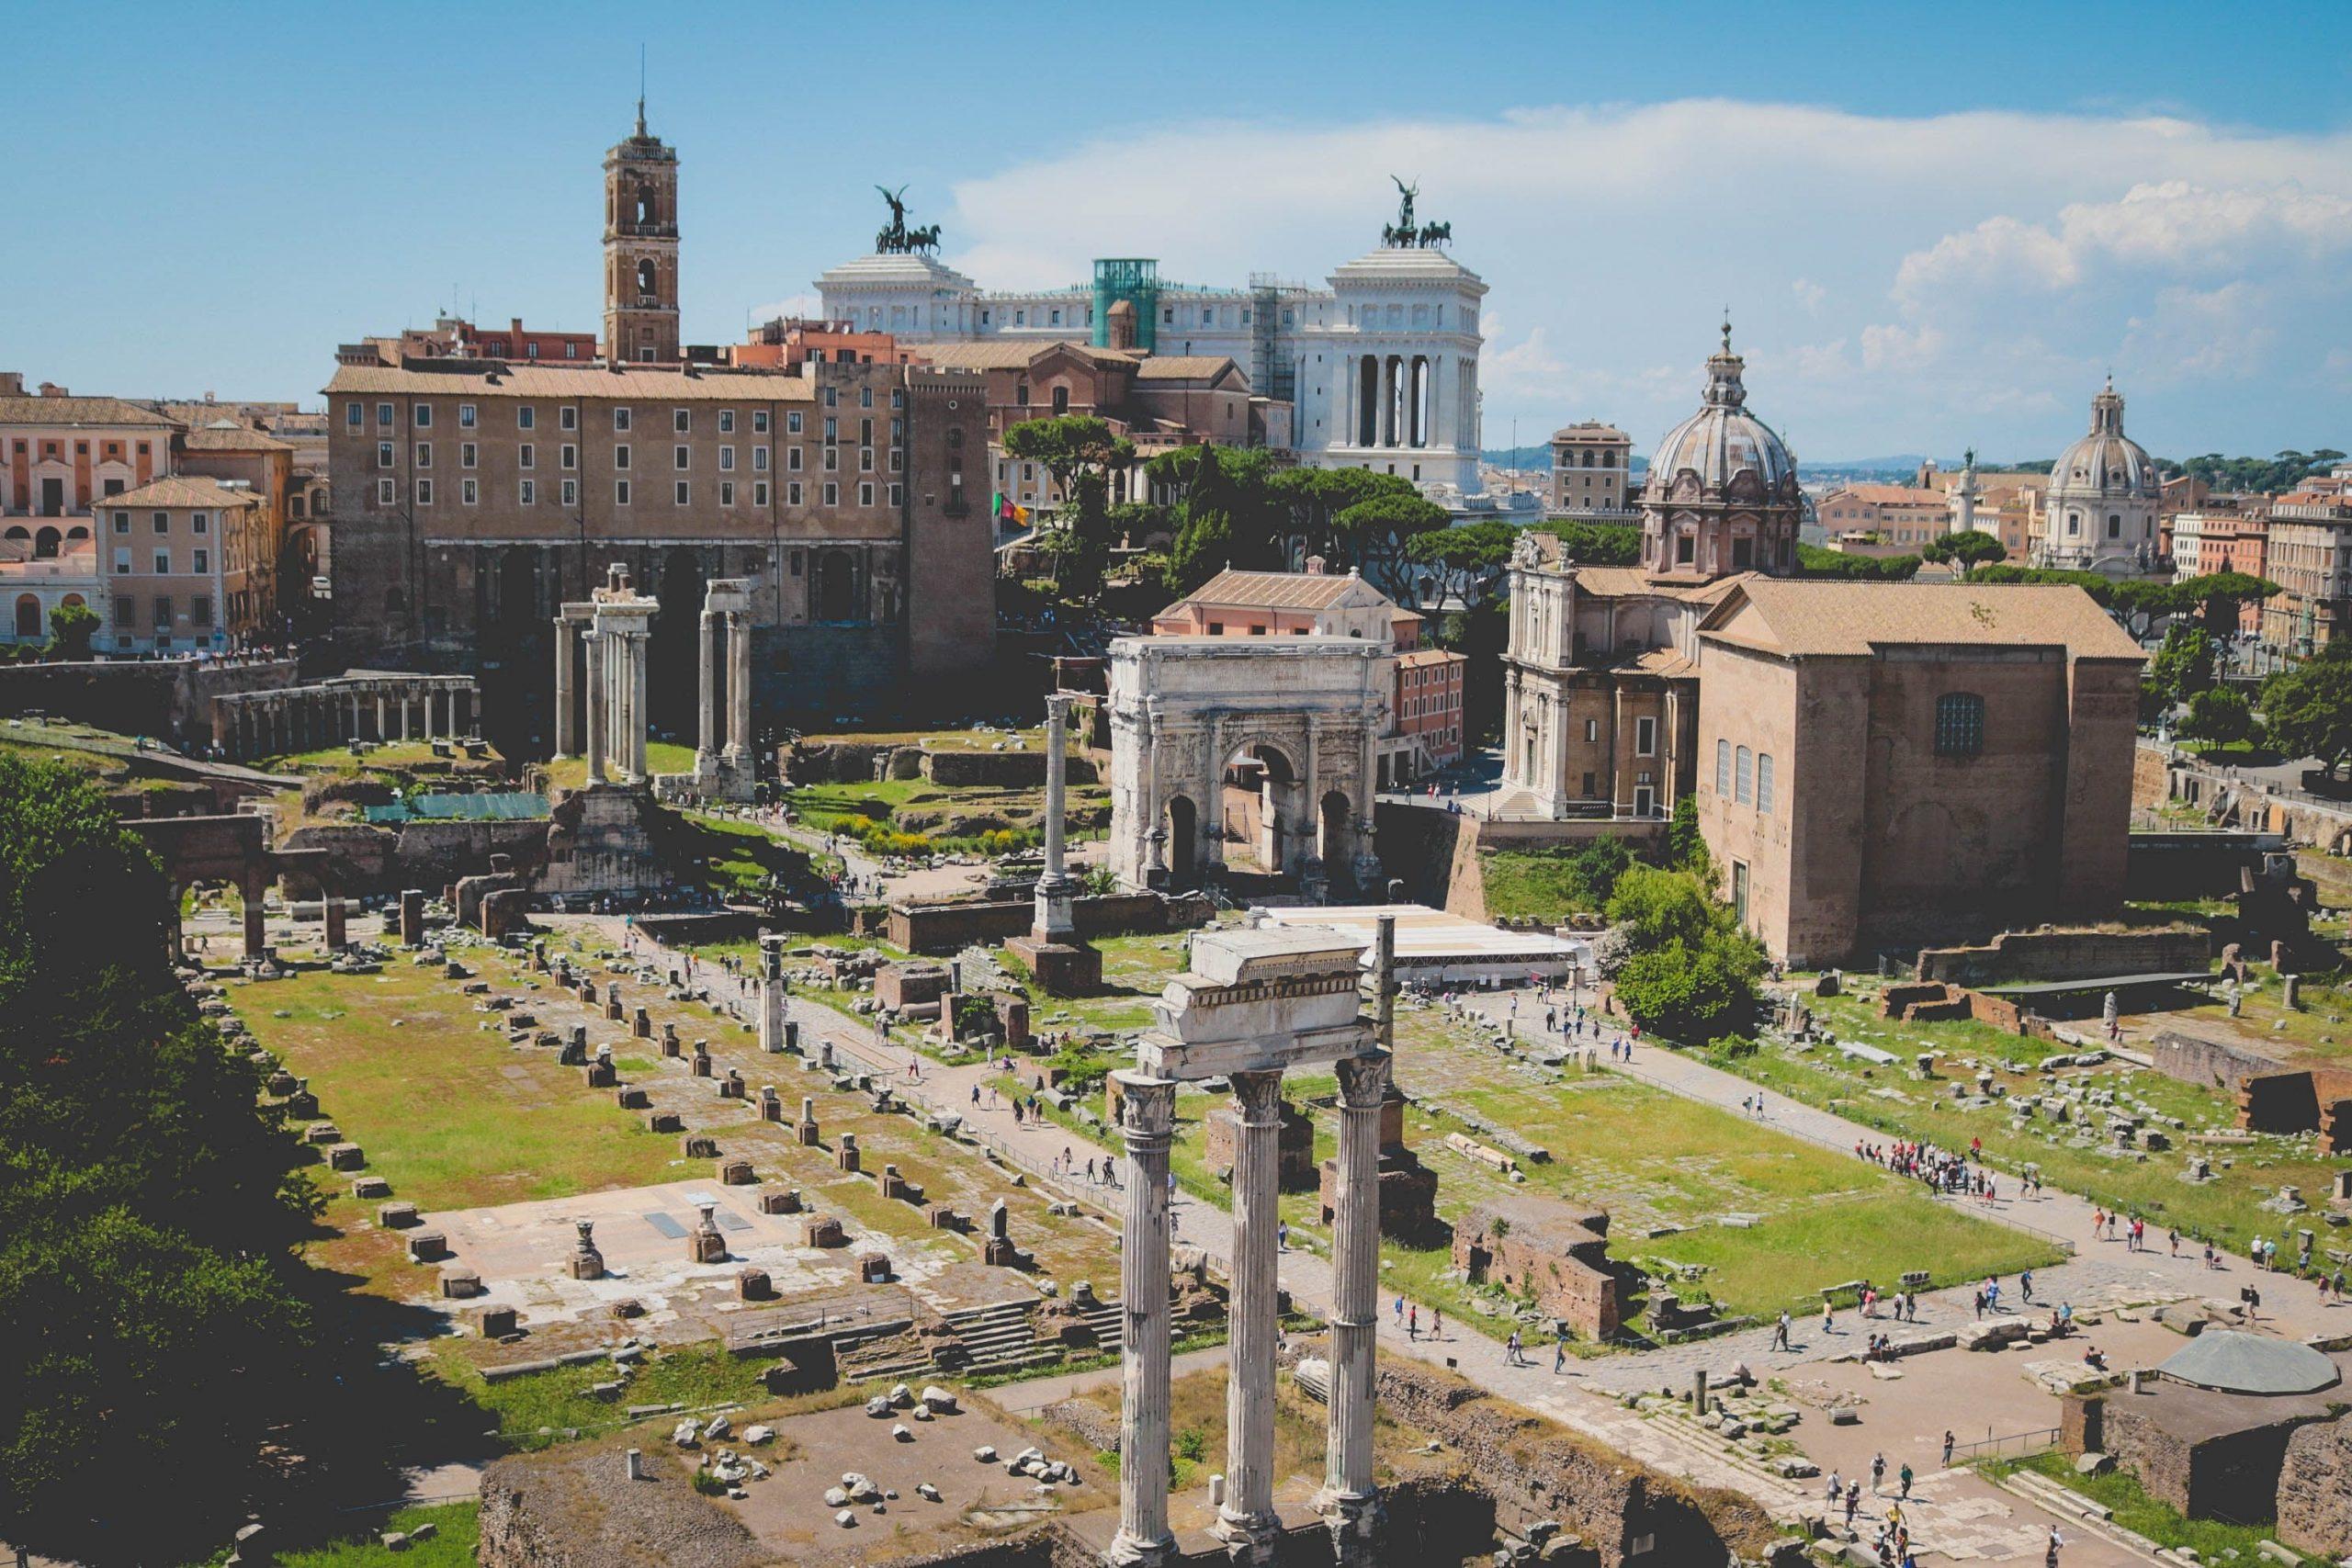 Visiter Rome en 2, 3 ou 4 jours: itinéraires, conseils, bonnes adresses